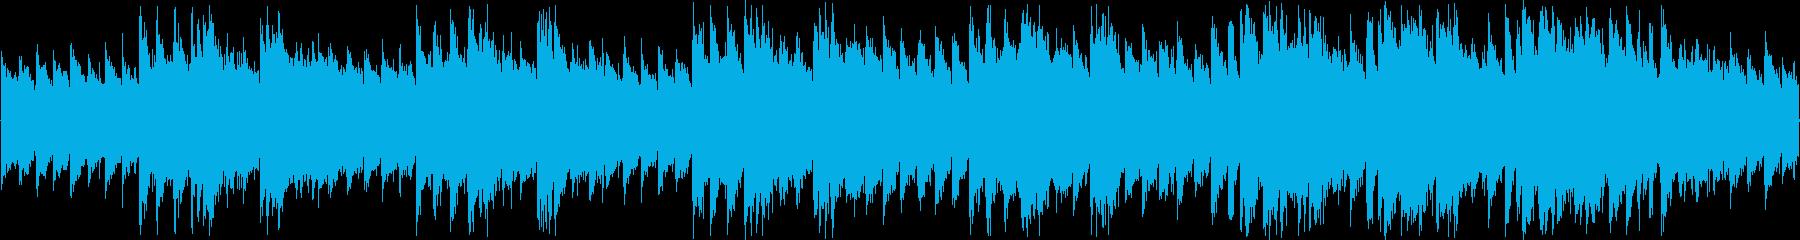 レトロな感じのシューティング用BGMの再生済みの波形